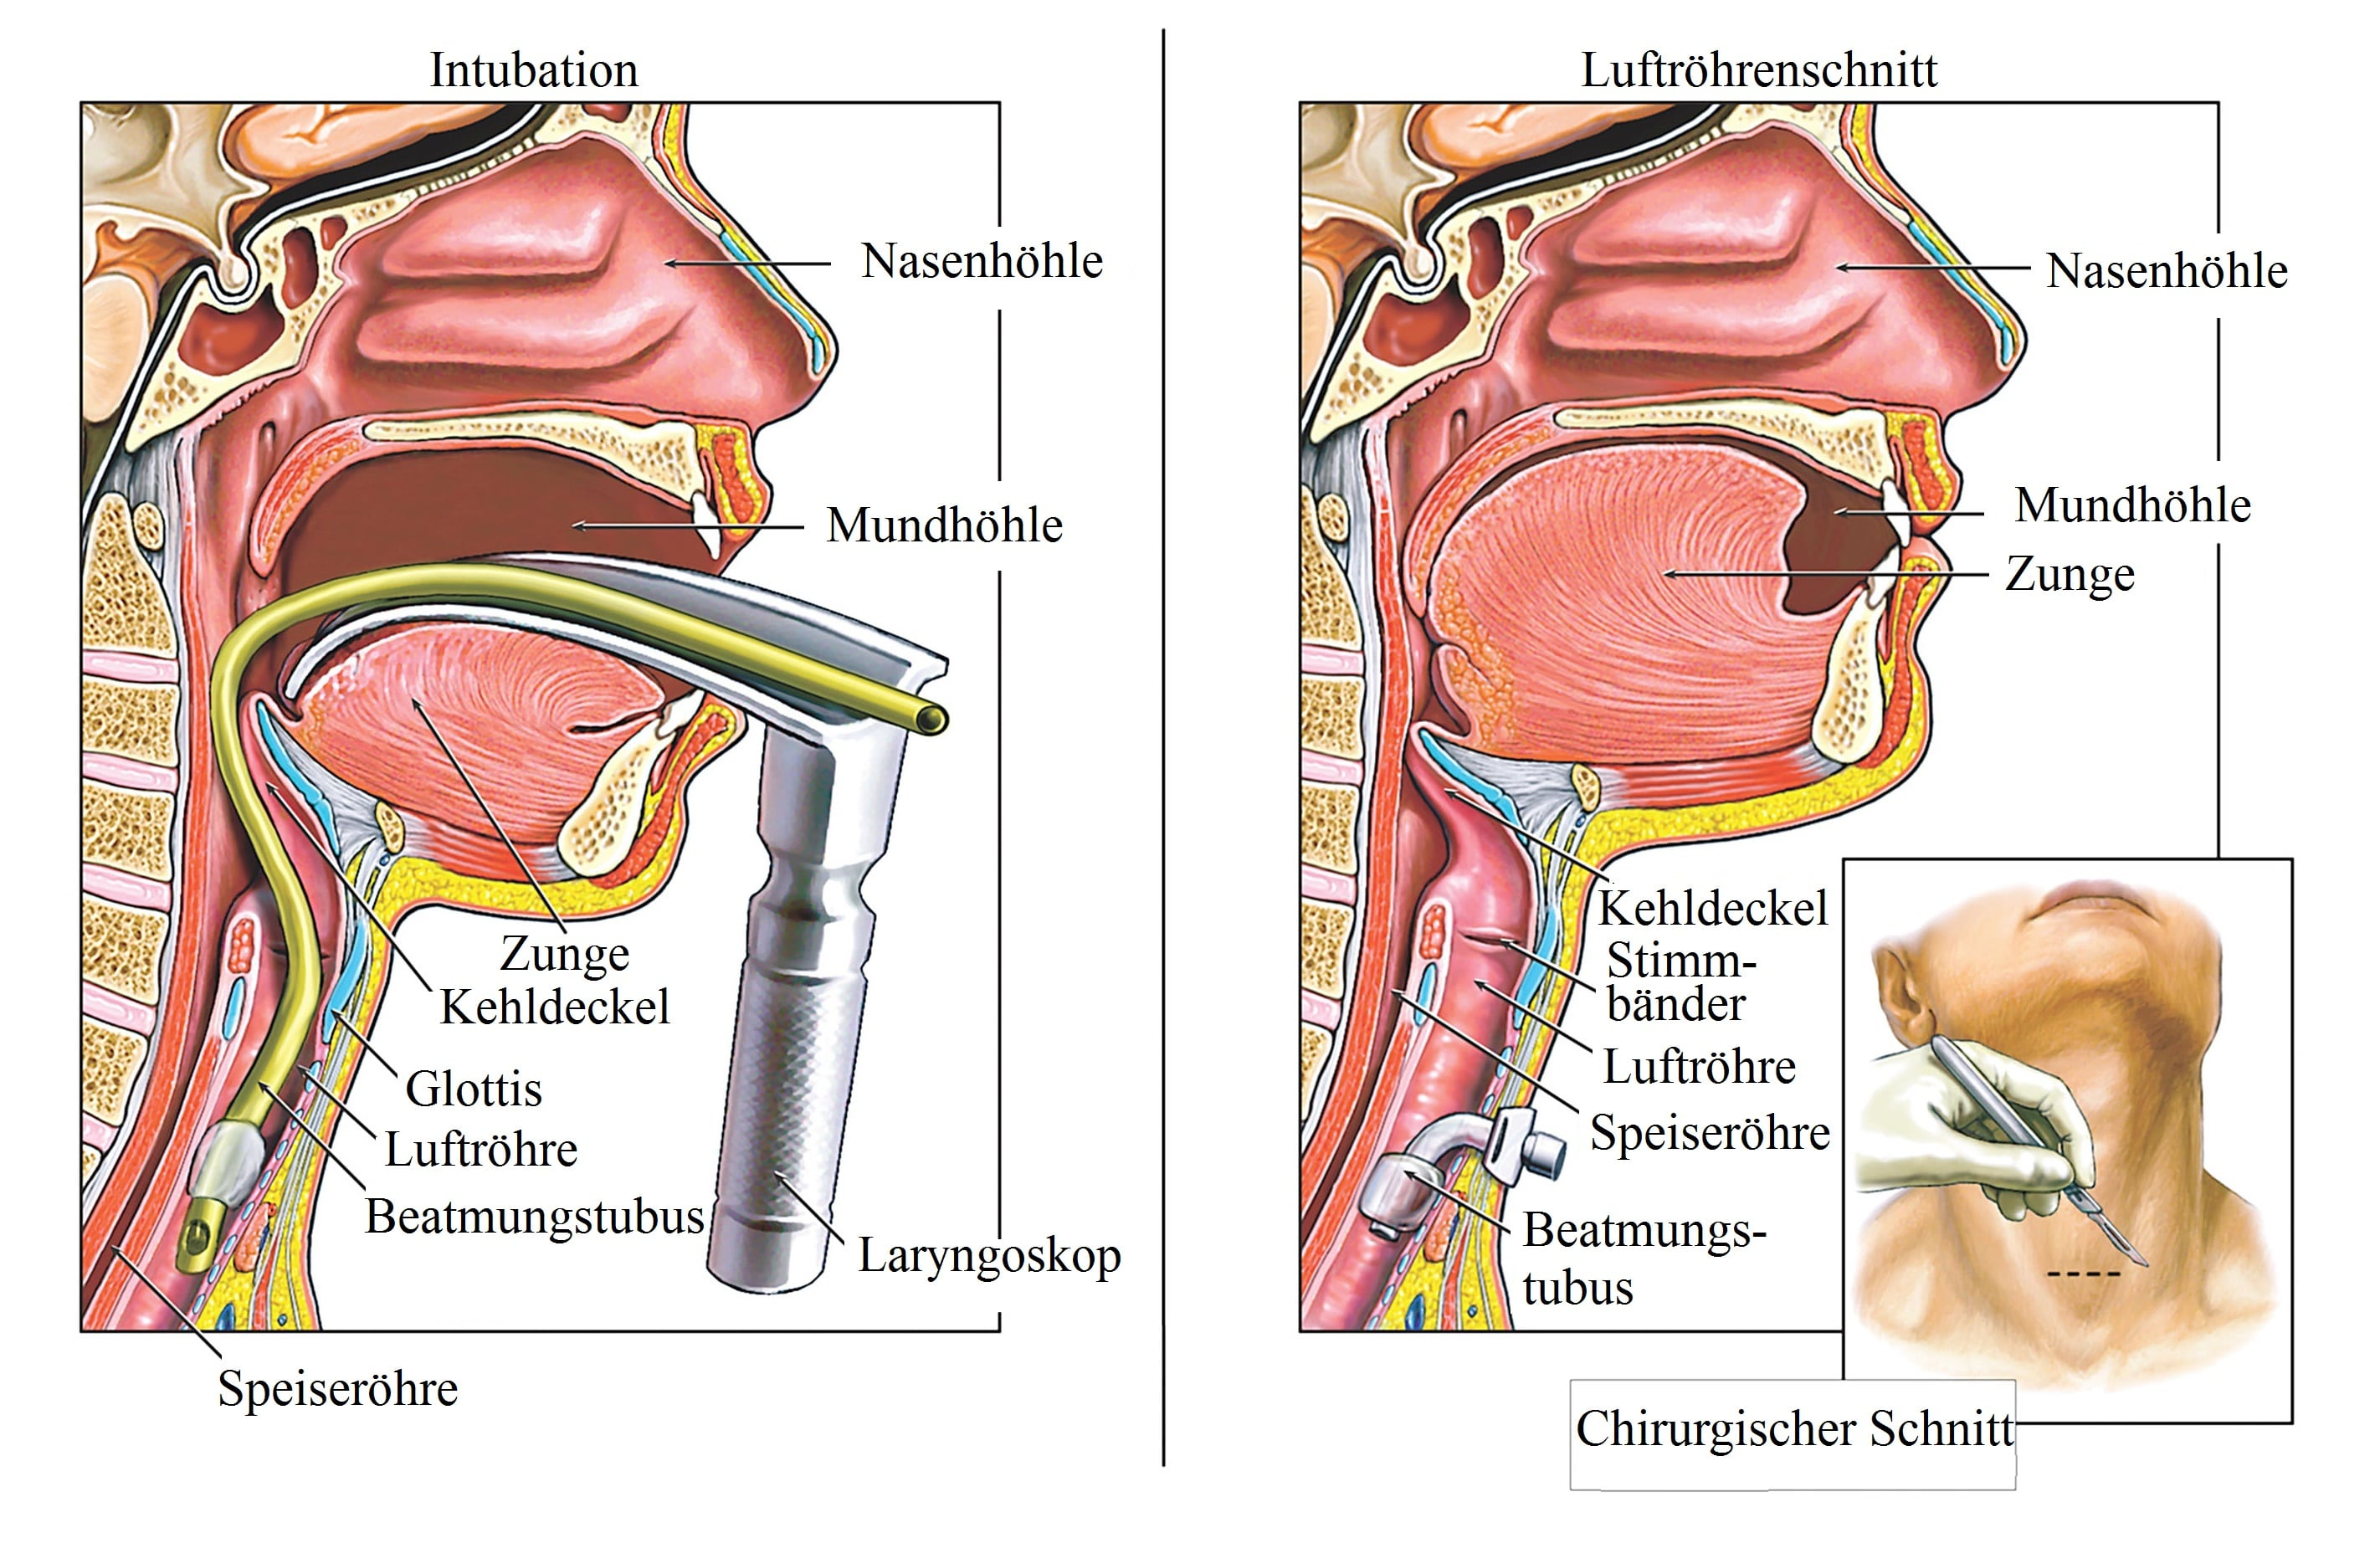 Schön Anatomie Der Atemwege Zur Intubation Zeitgenössisch - Anatomie ...